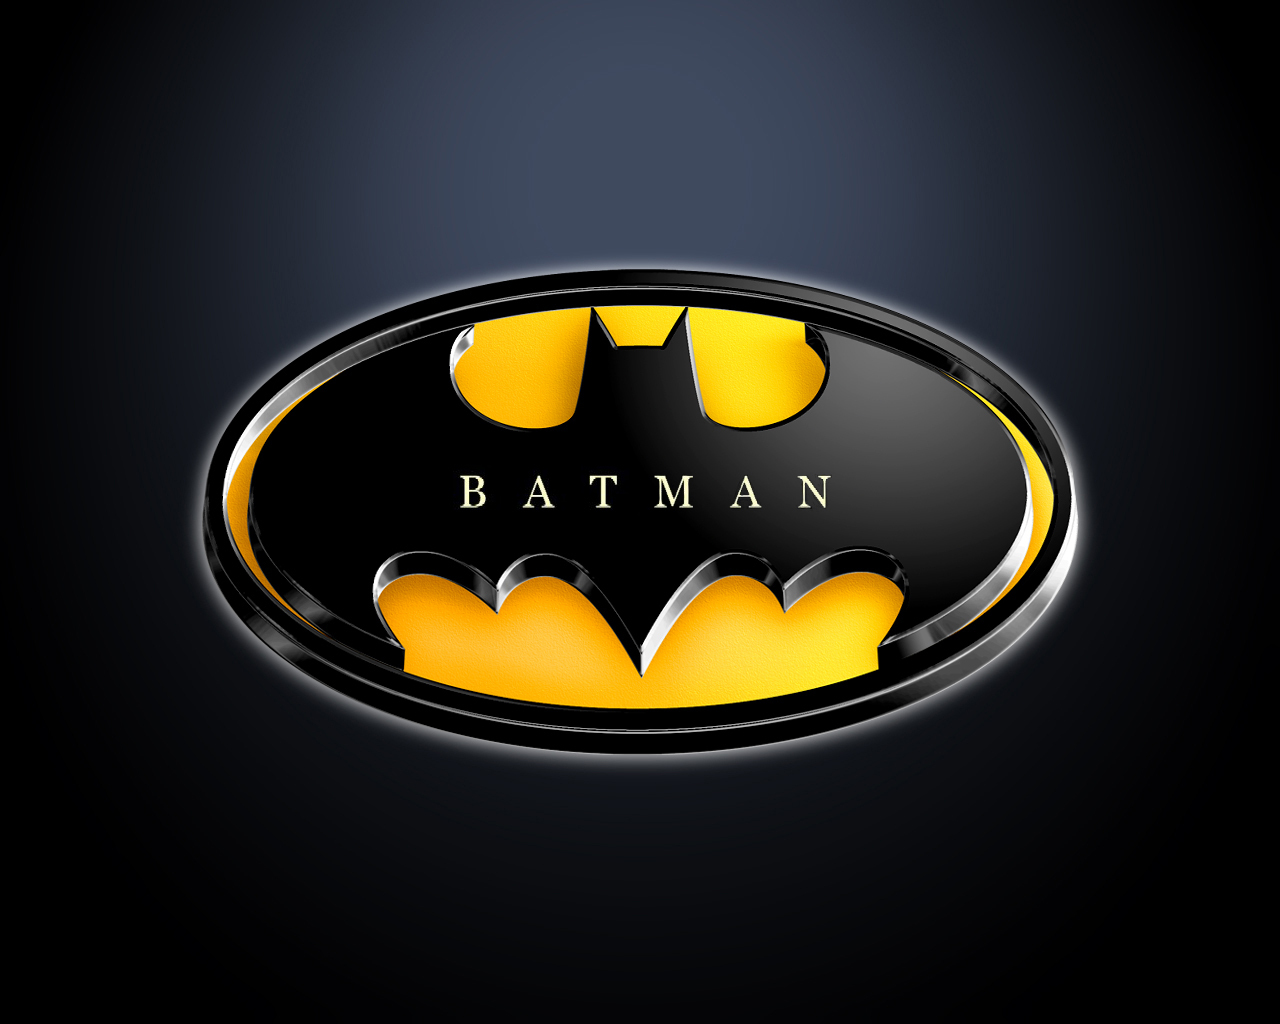 Batman Logo batman 9683803 1280 1024jpg 1280x1024